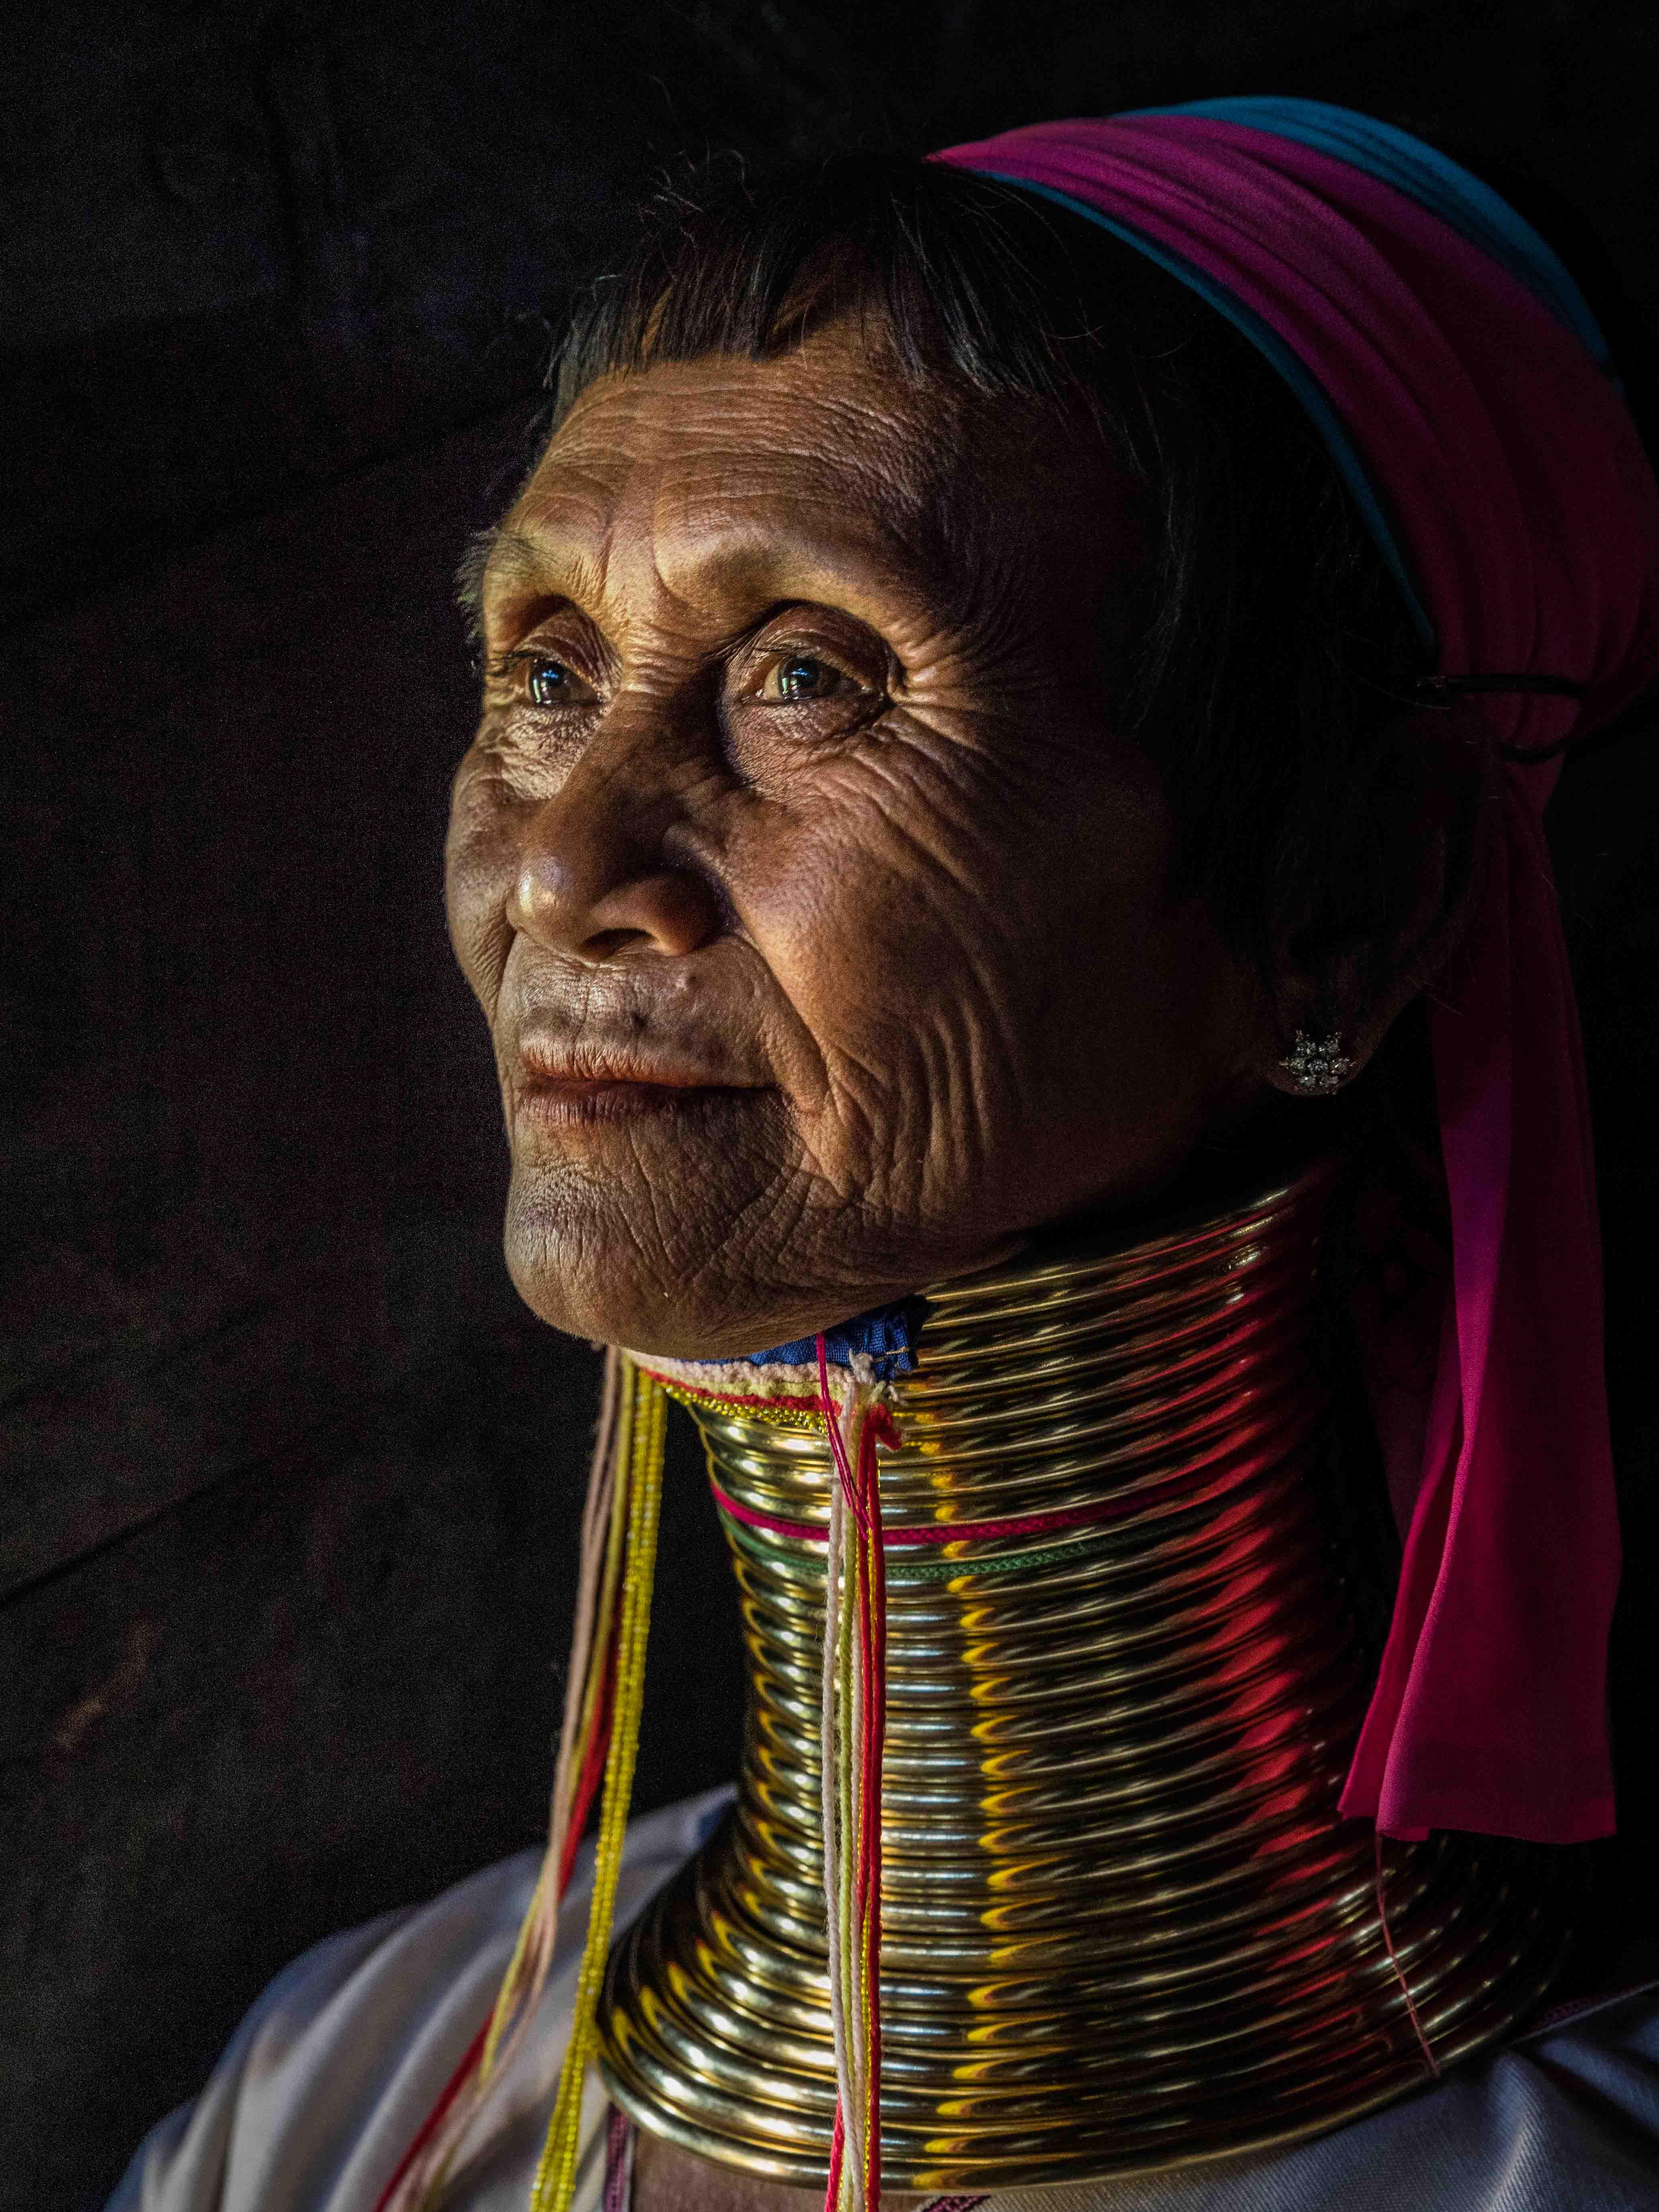 Kayan woman portrait